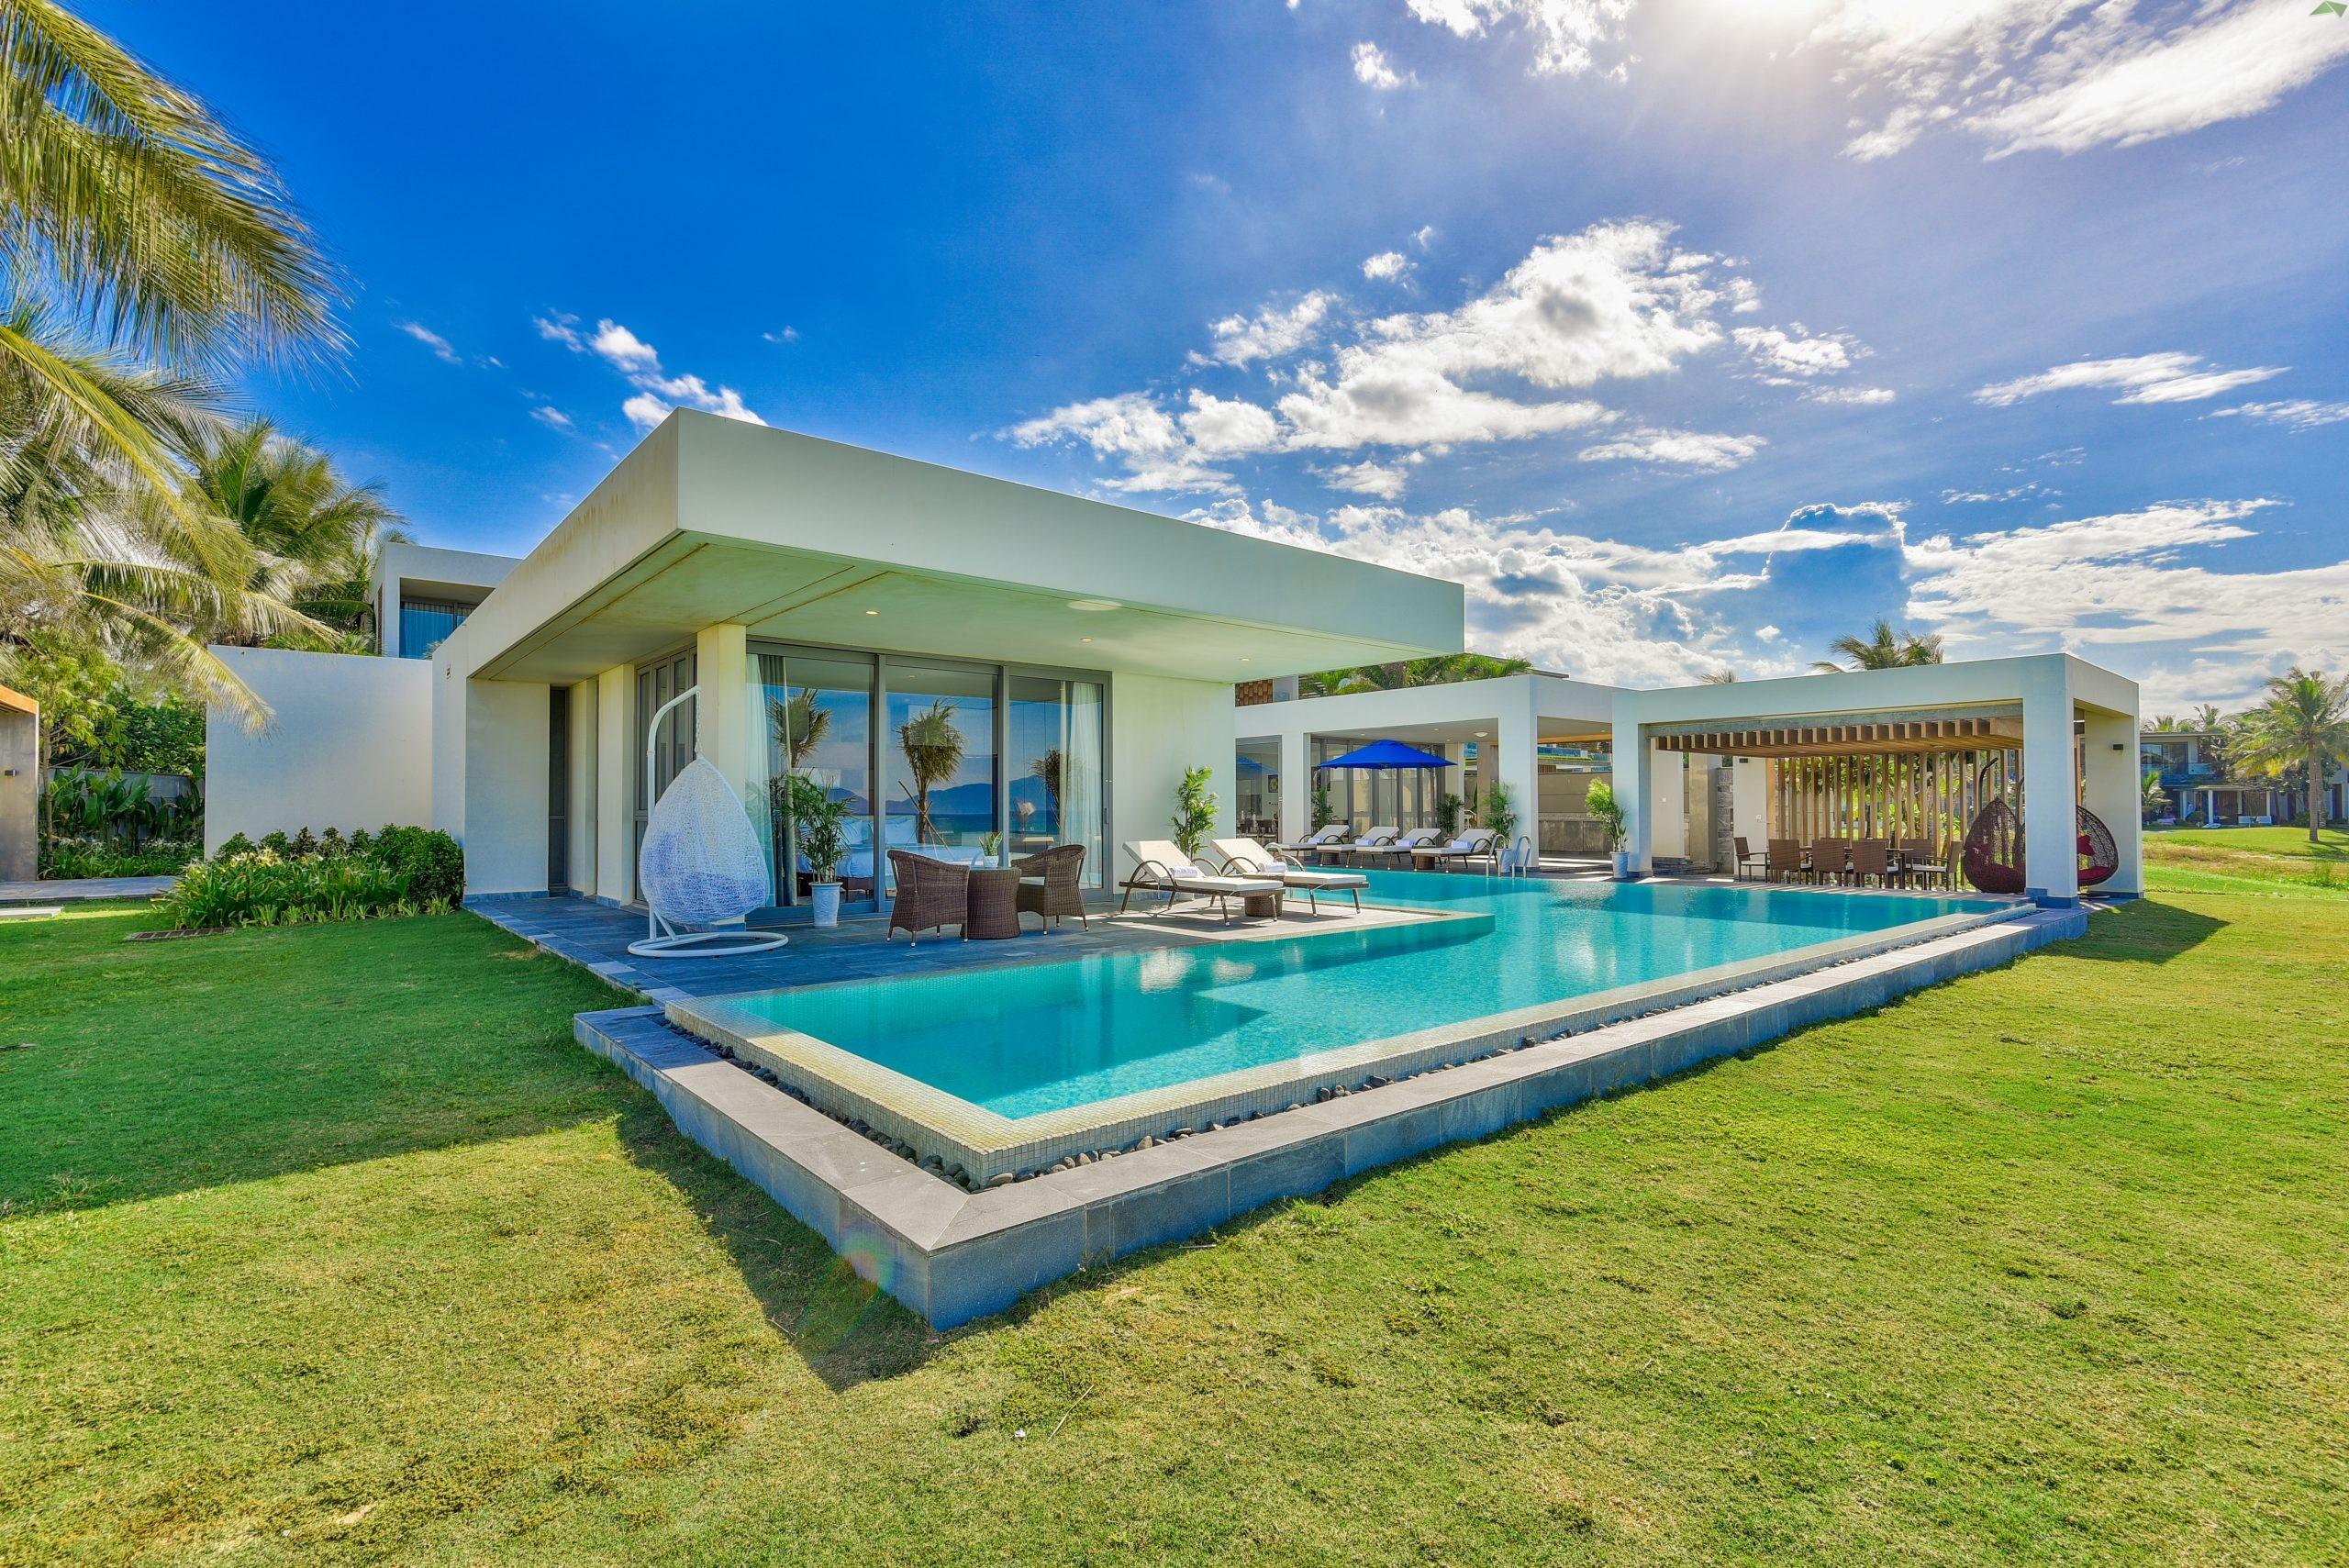 du-an-ocean-villas